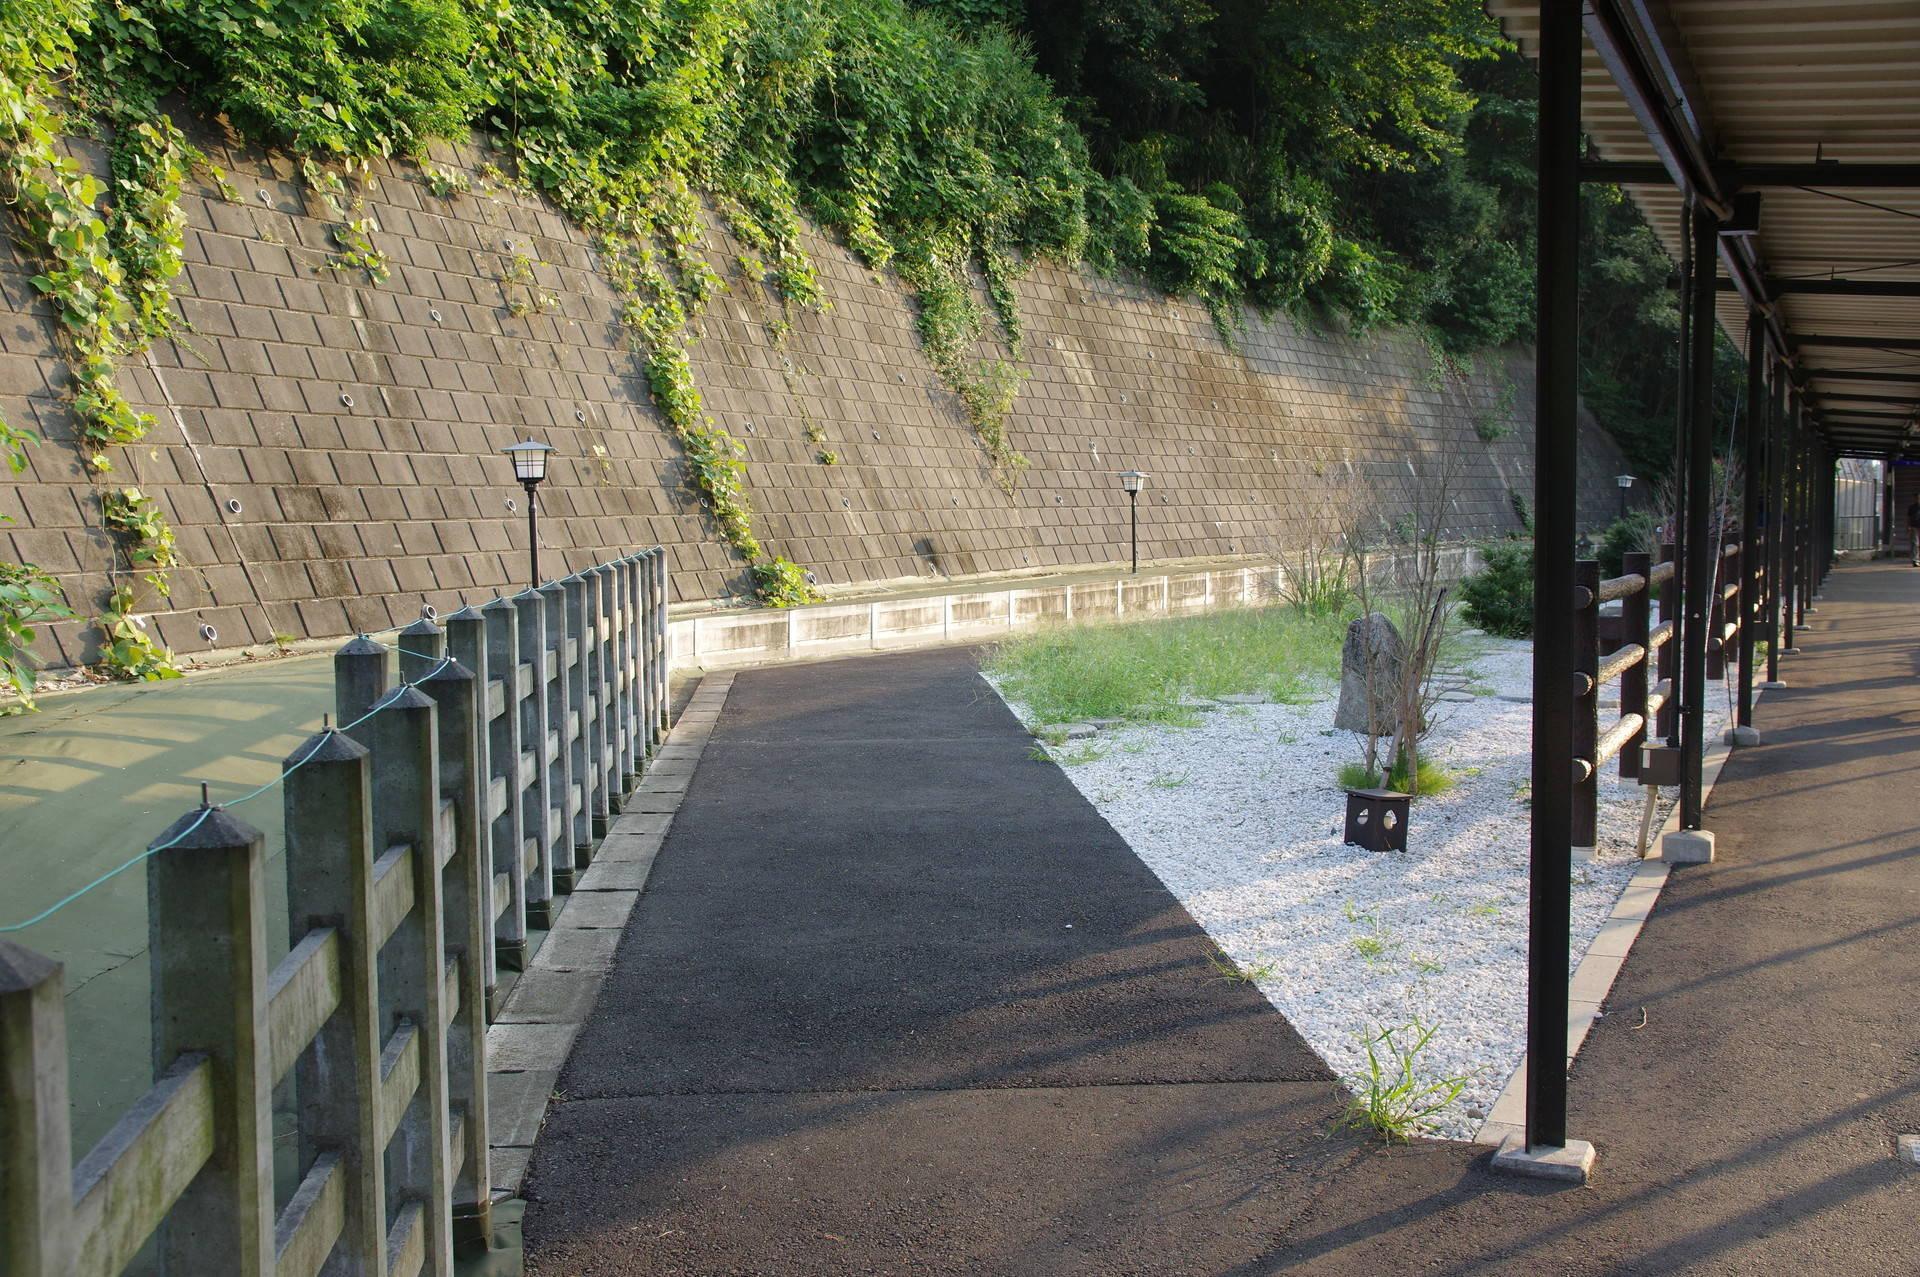 小石が敷かれた公園(?)